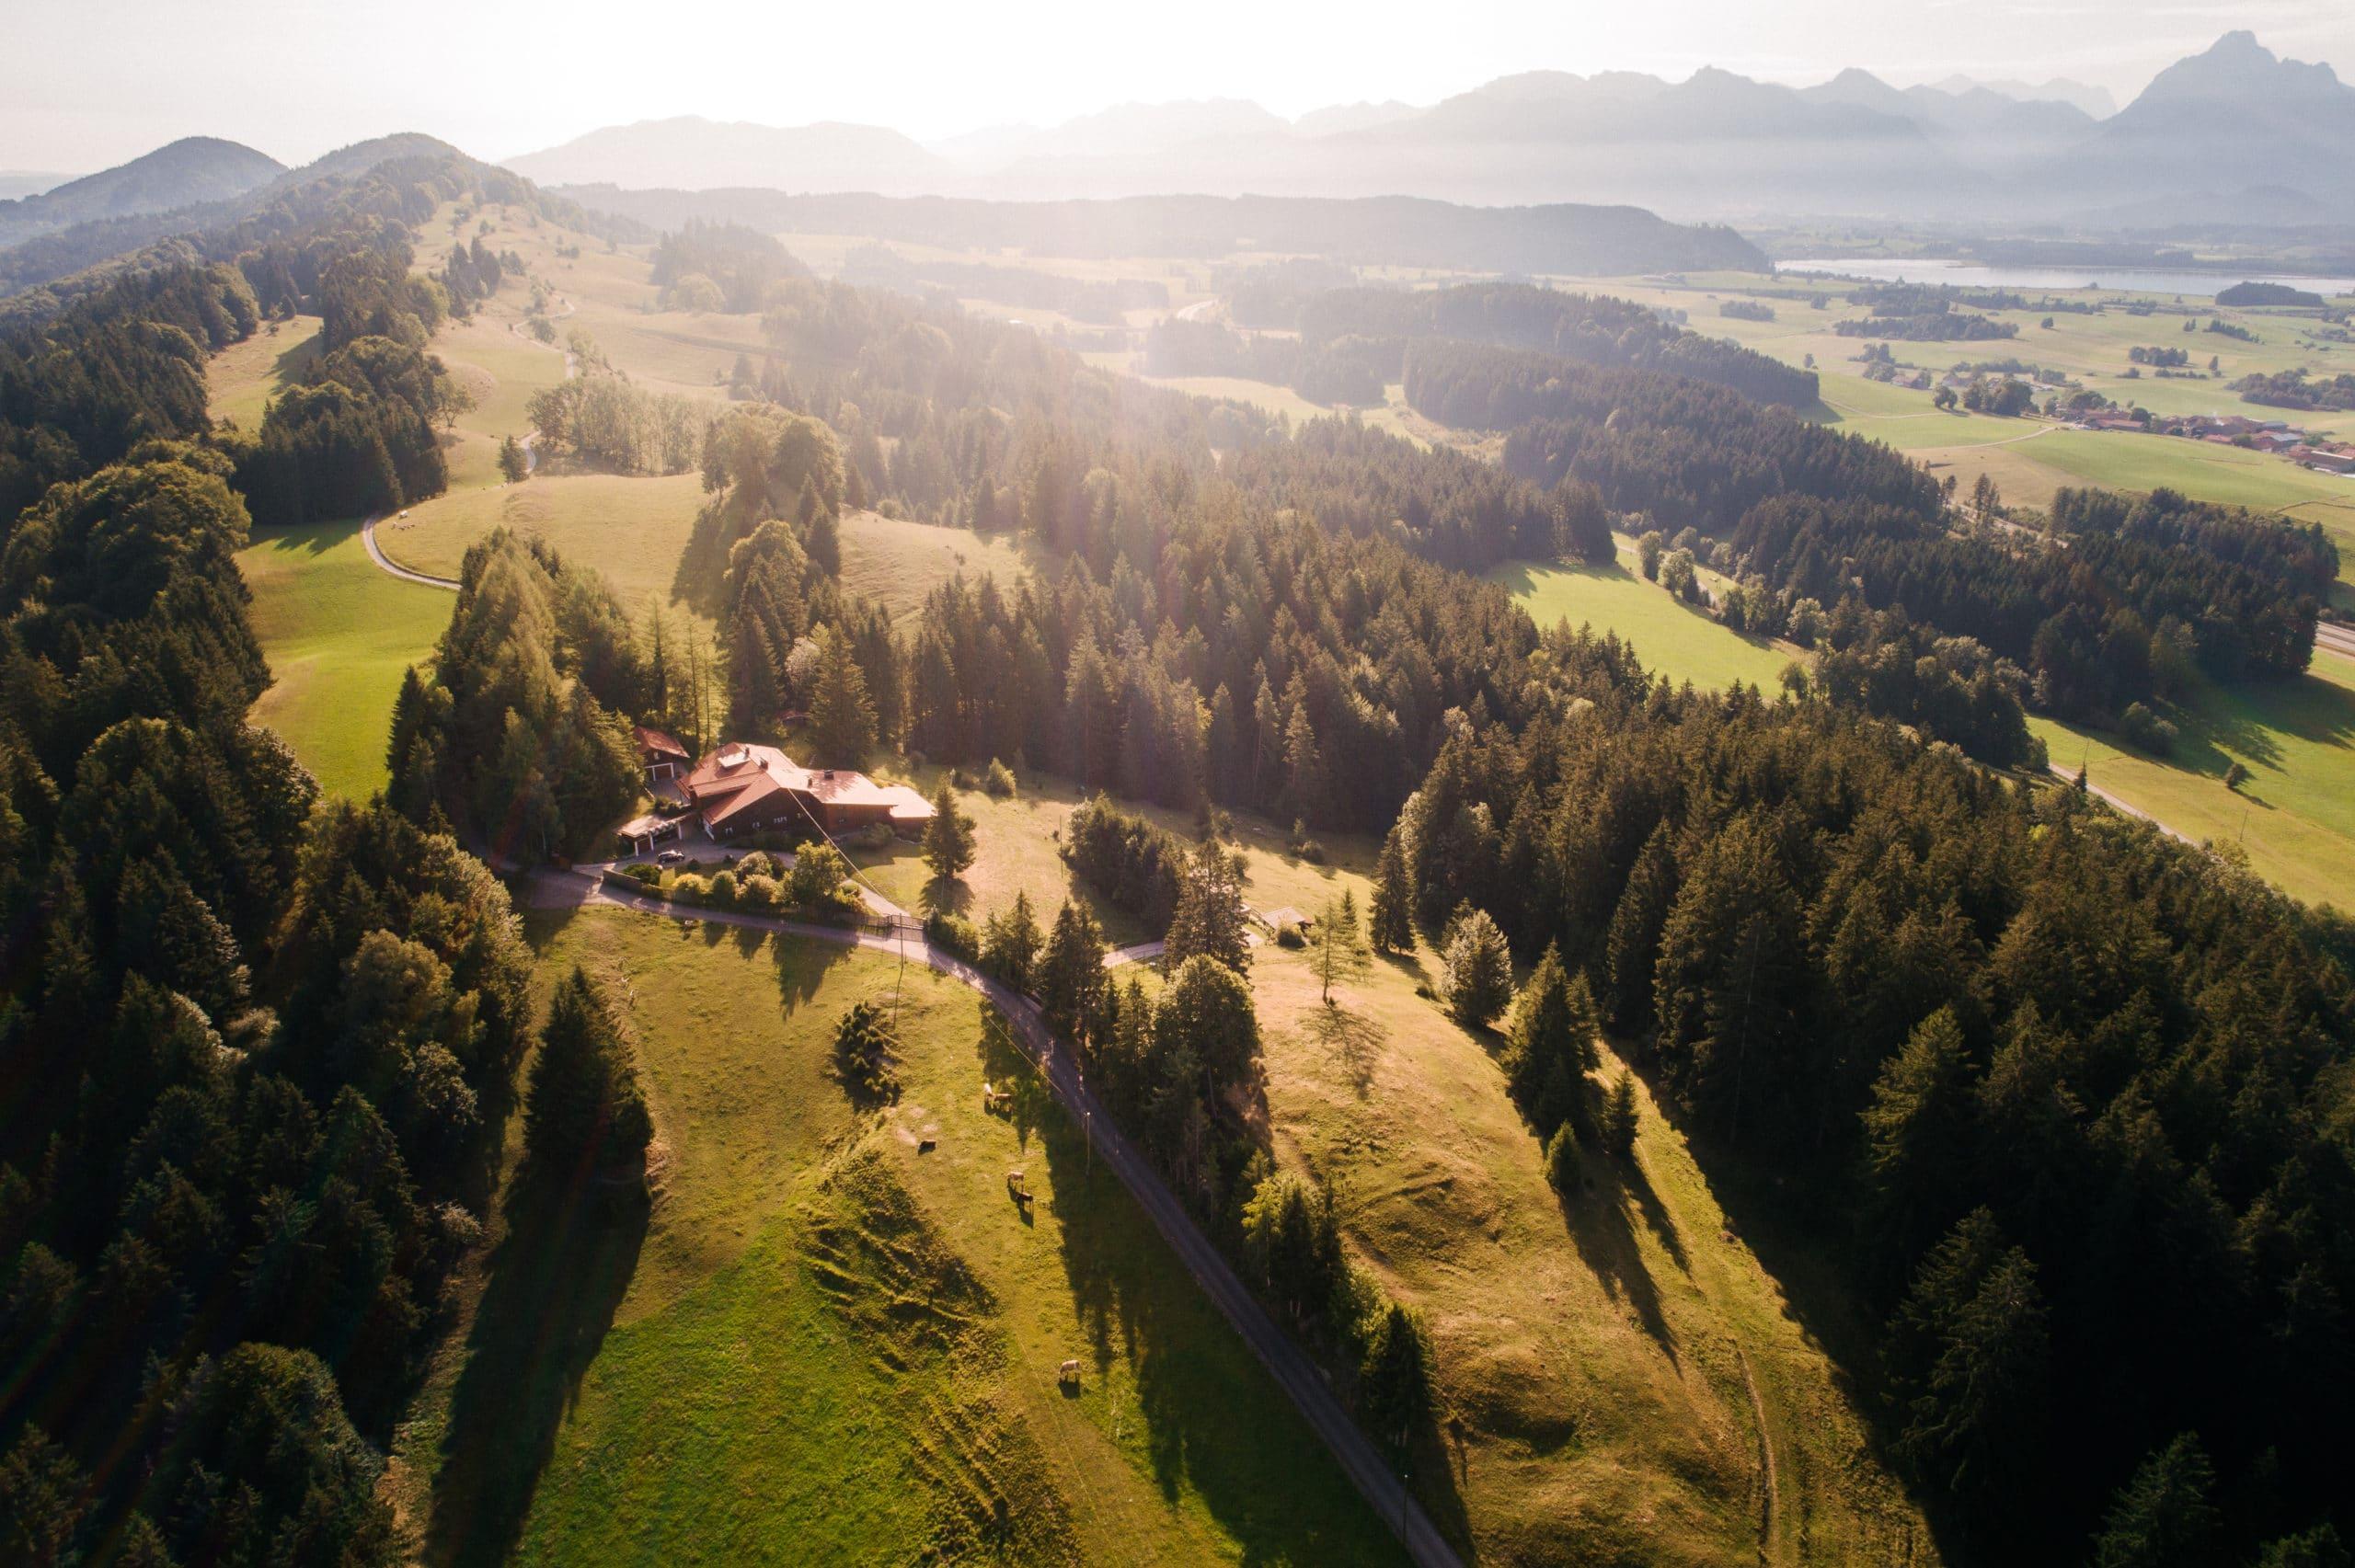 Drohnenfotografie eines großen Anwesens im Allgäu für Immobilien Verkauf Expose | Werbefotograf für atemberaubende Luftaufnahmen in Osnabrück Münster Bielefeld NRW Niedersachsen und bundesweit